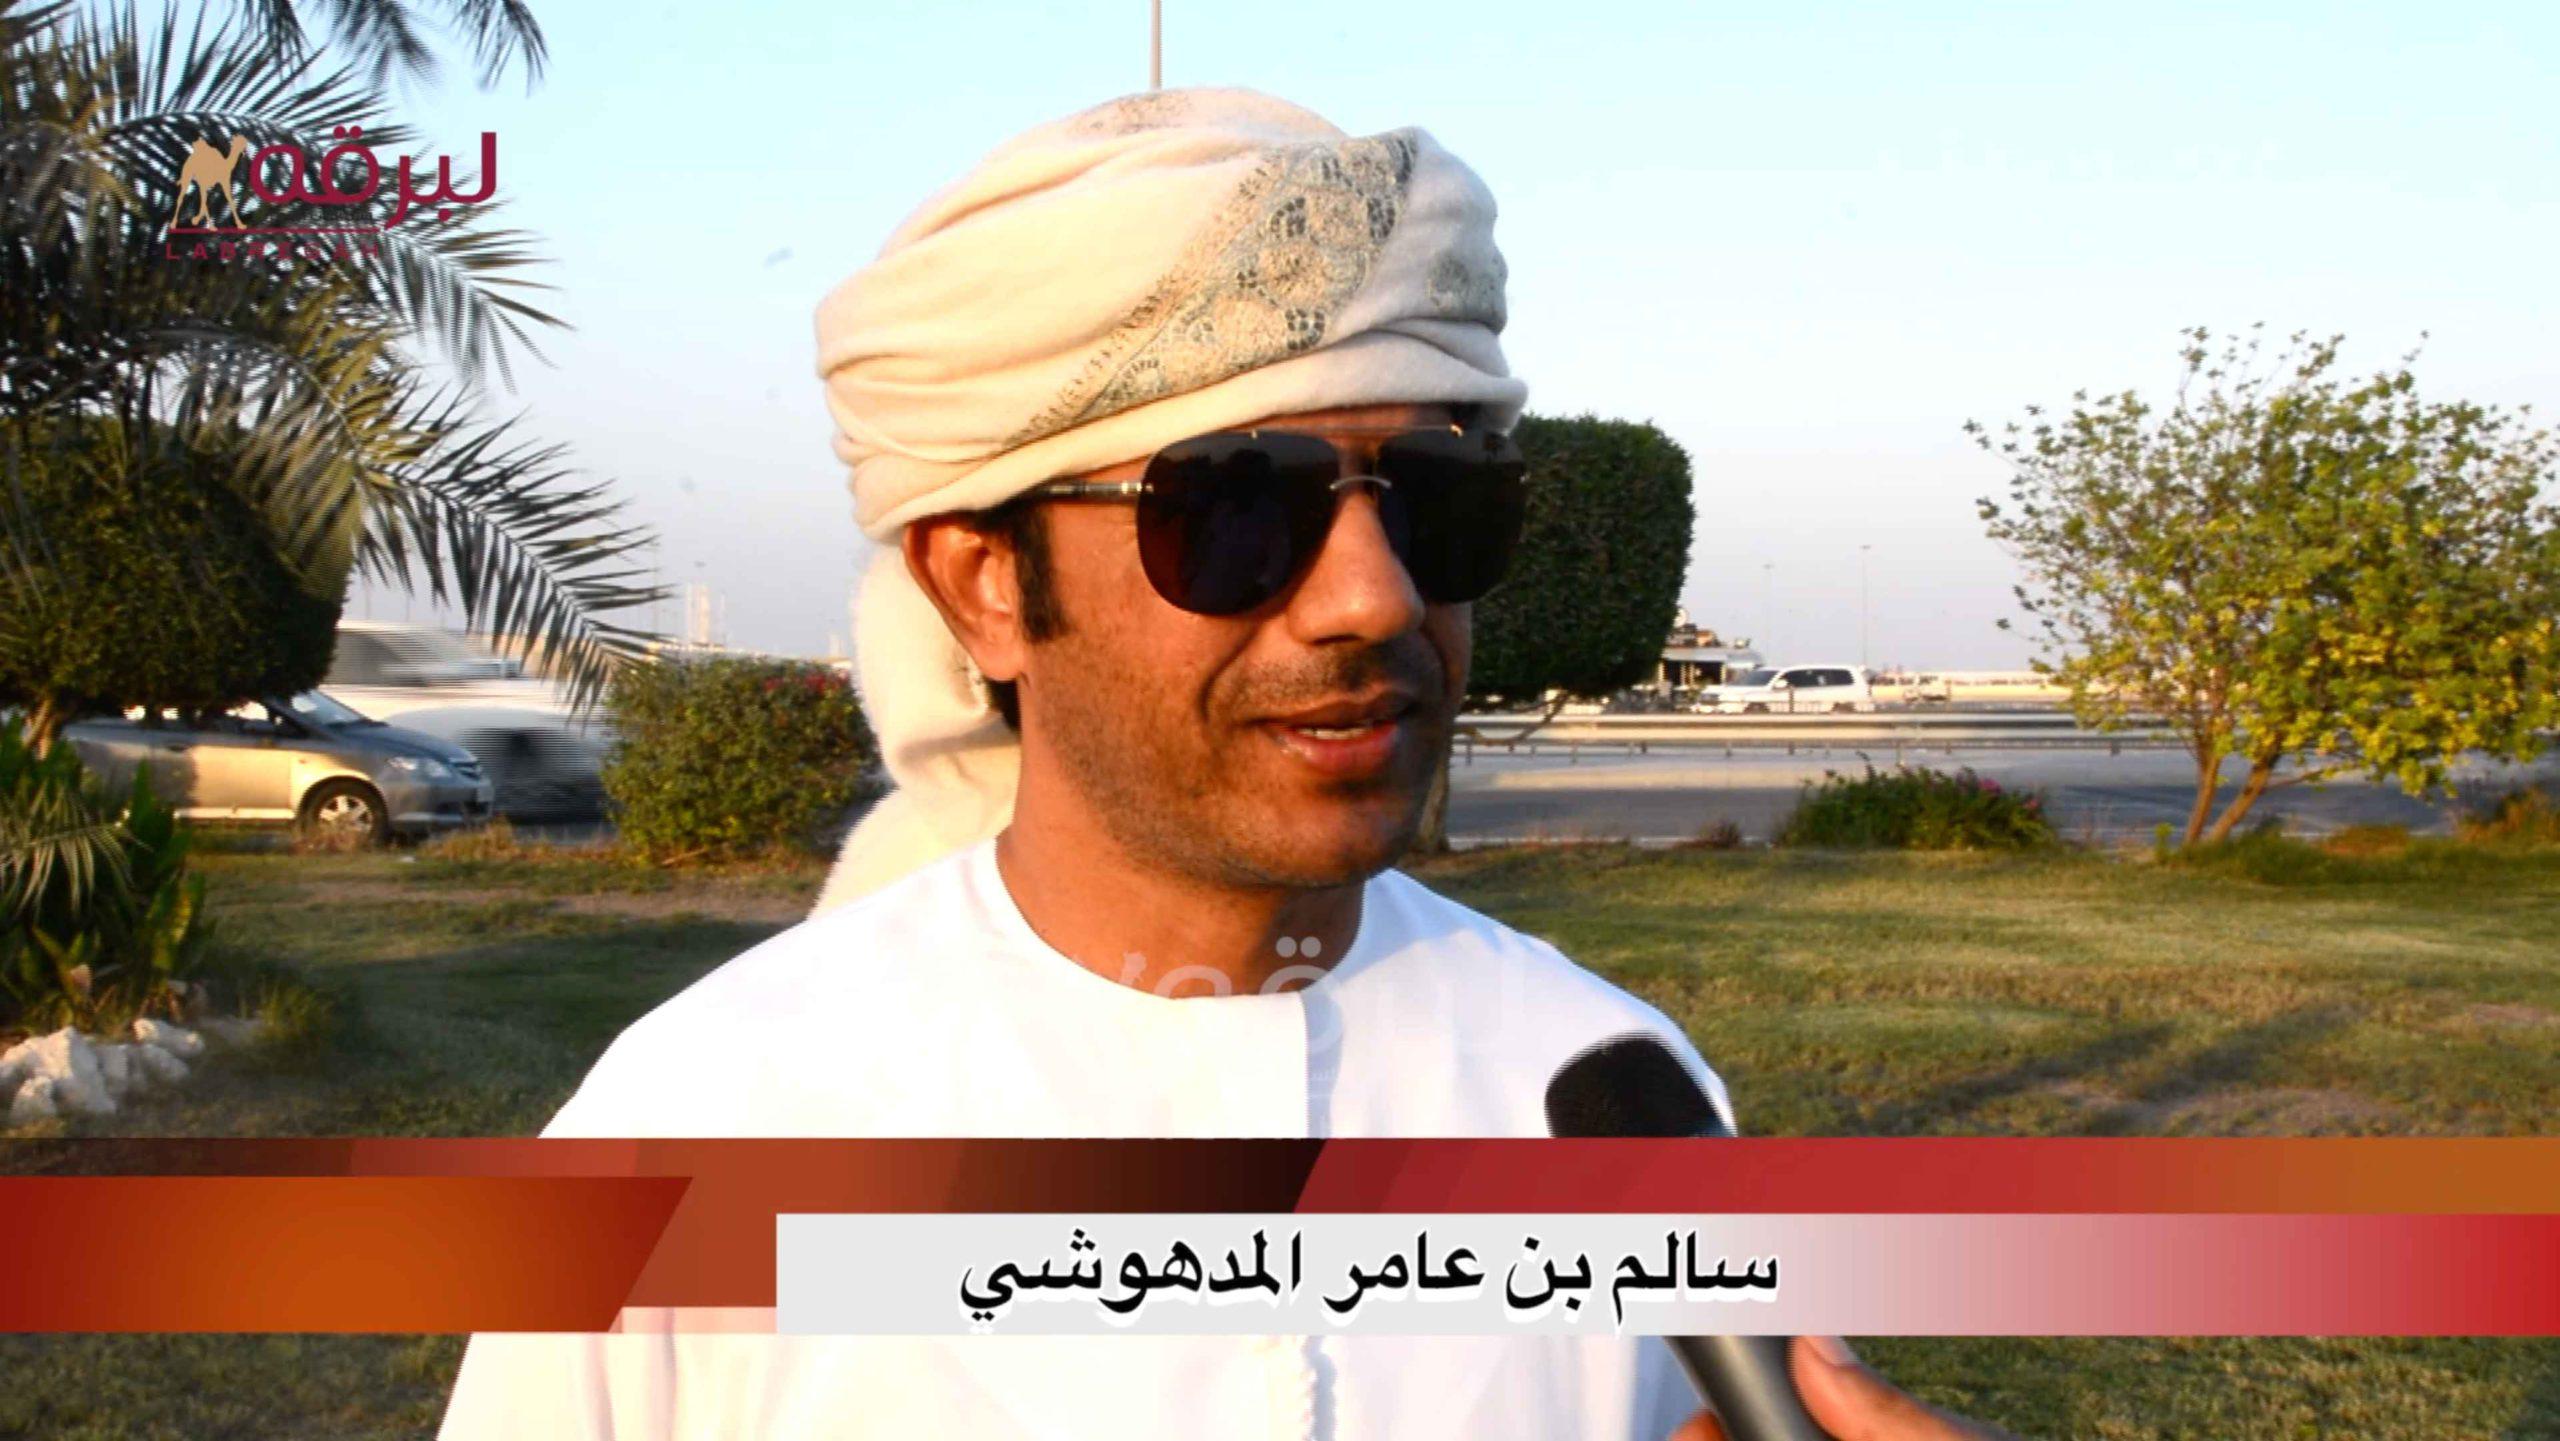 لقاء مع سالم بن عامر المدهوشي.. الأشواط الرئيسية للحقايق مفتوح الأشواط المفتوحة صباح ٢١-١٠-٢٠٢٠